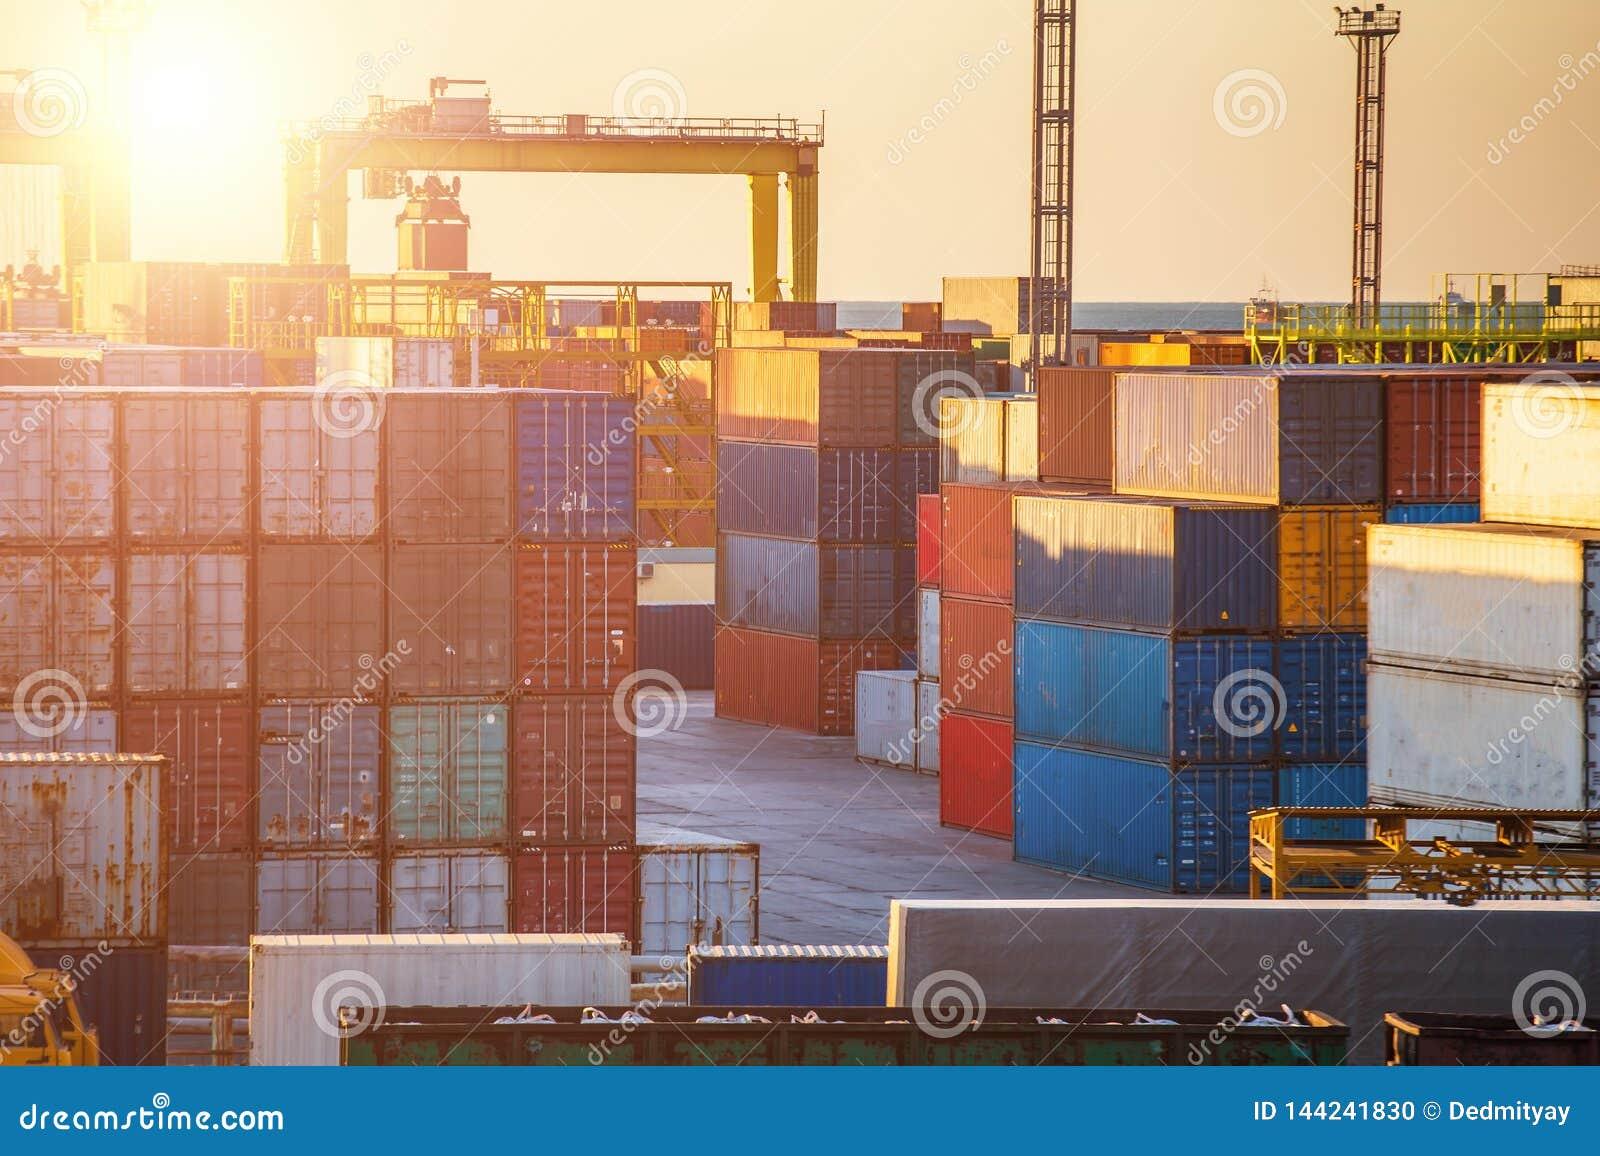 Behållareaskar i lastfraktskepp och industriella portkranar på solnedgången Logistiska havstrans. och sändnings eller leverans